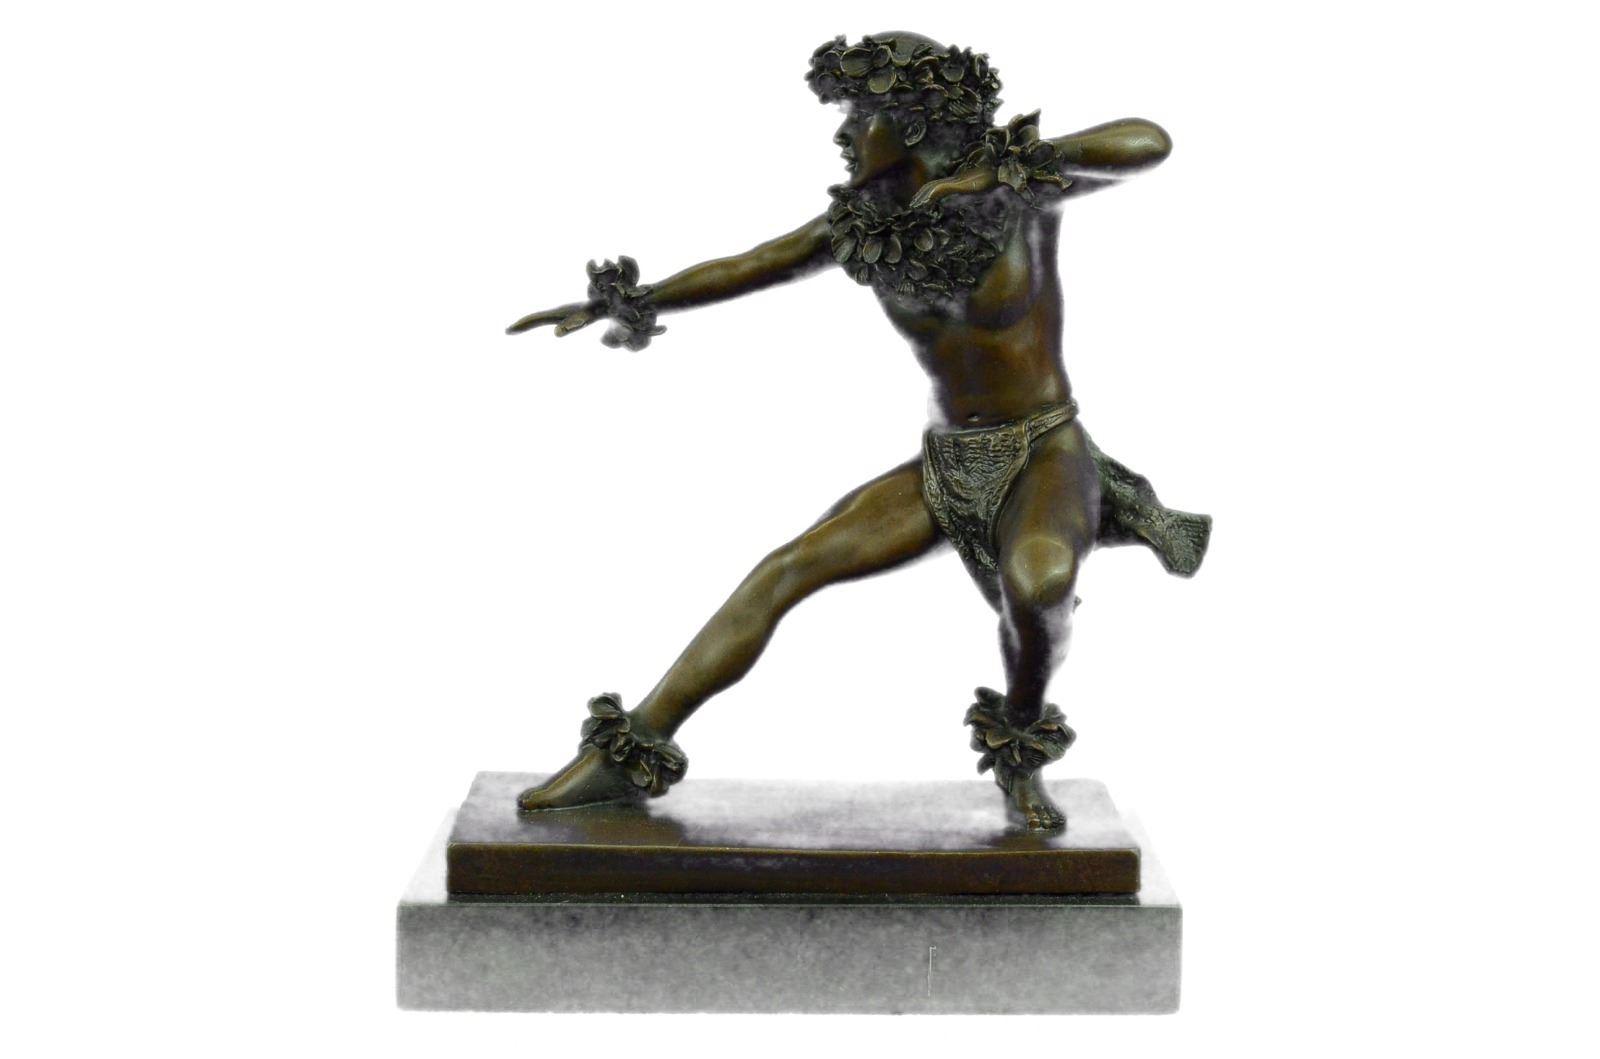 Signed Masseau Nude Erotic Male Bronze Sculpture